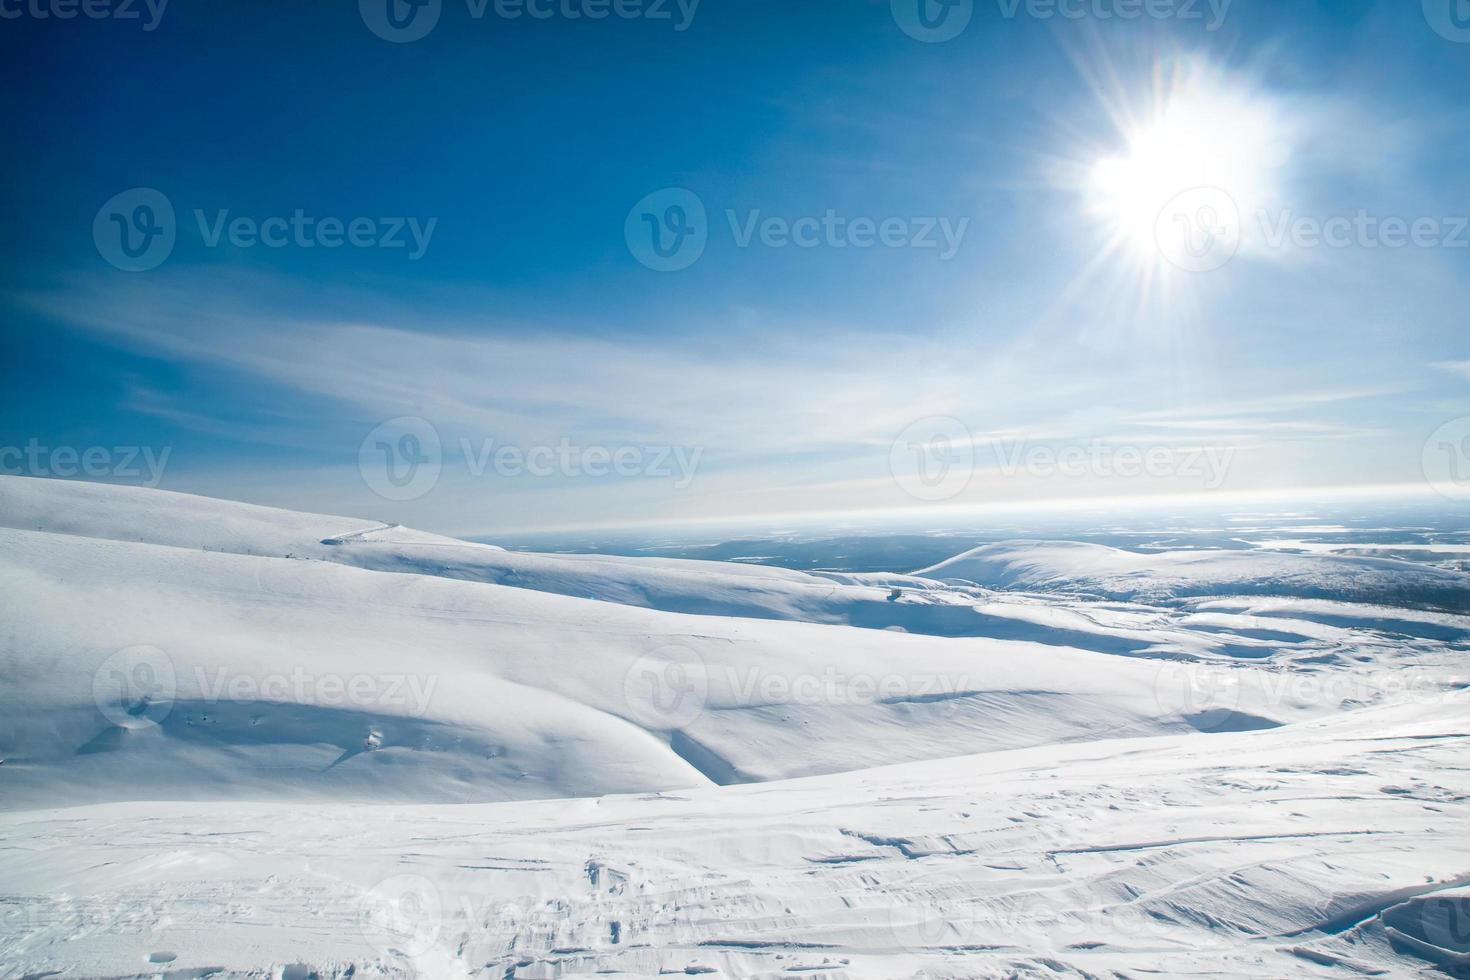 grote met sneeuw bedekte velden onder de zon foto